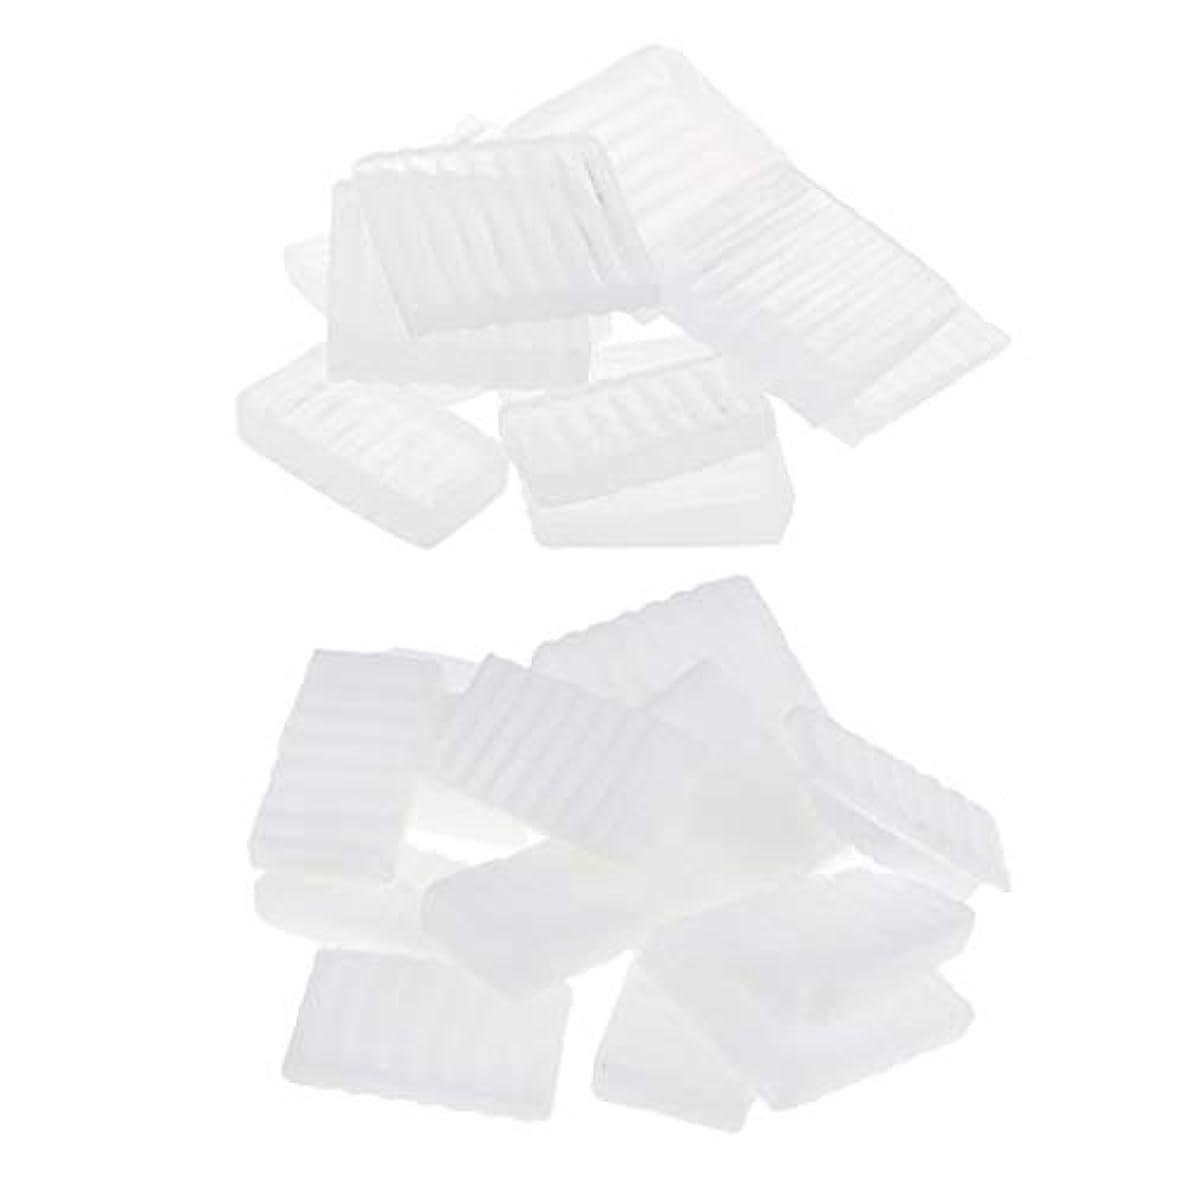 スポーツをする官僚無駄に石鹸作り 約1000g 白色 石鹸ベース DIY ハンドメイド 石鹸材料